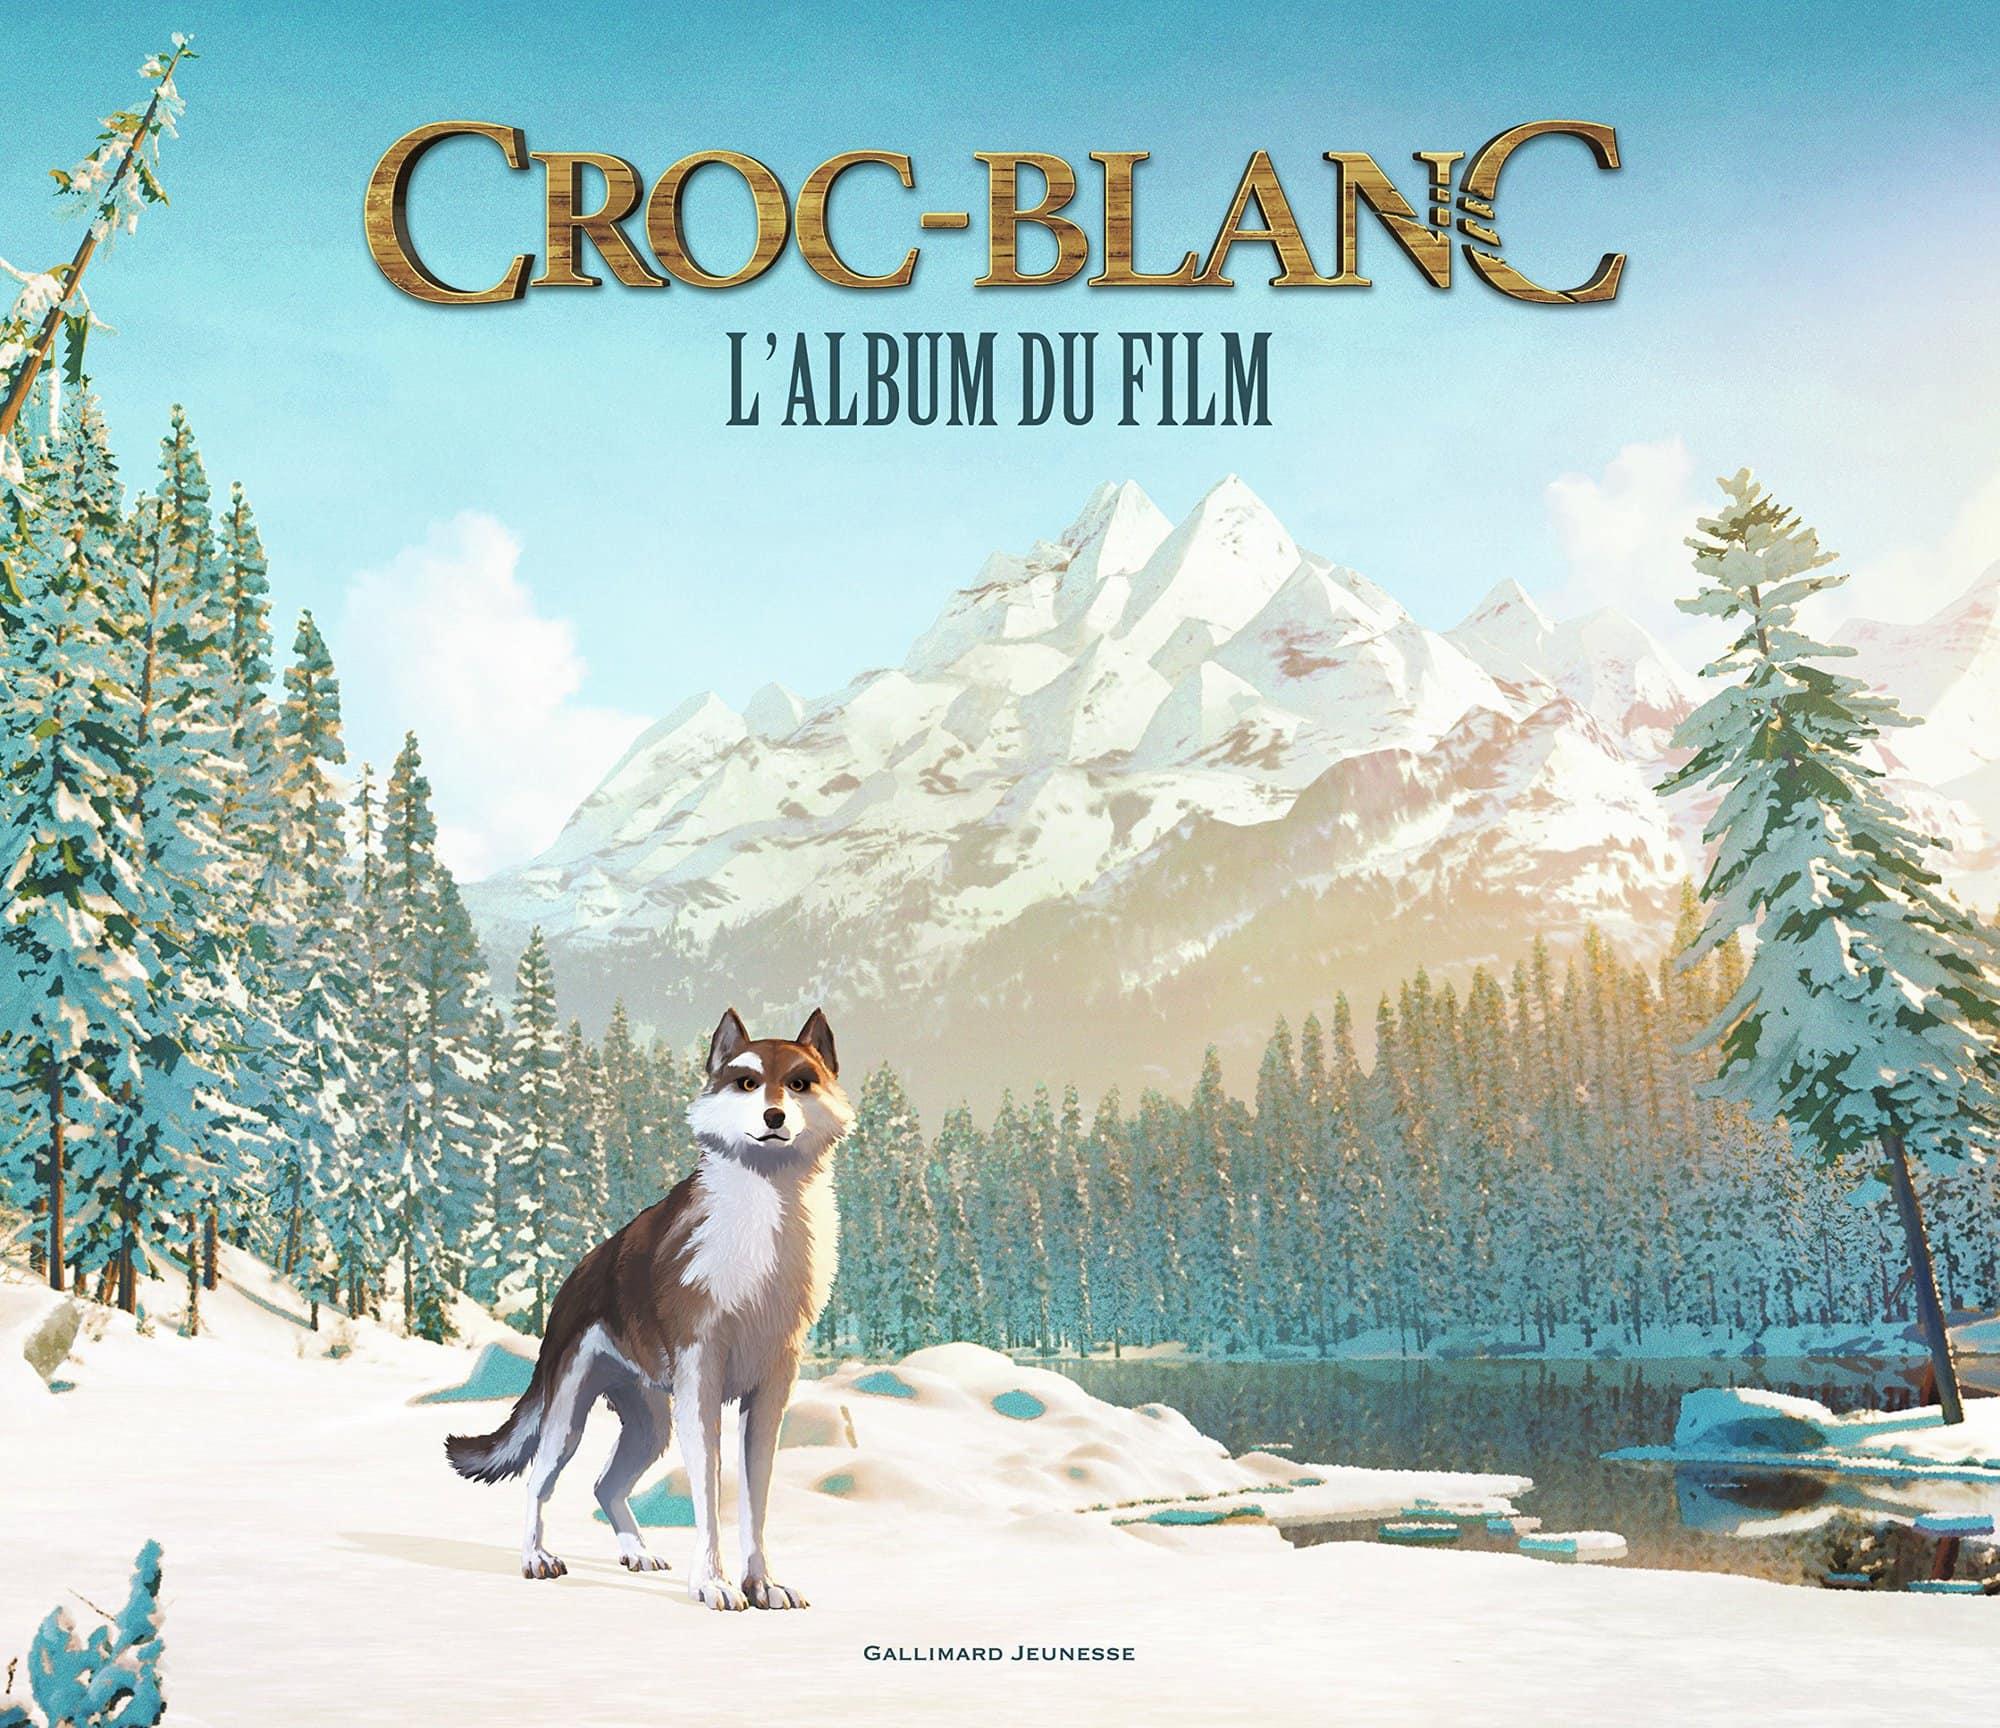 croc-blanc-album-du-film-gallimard